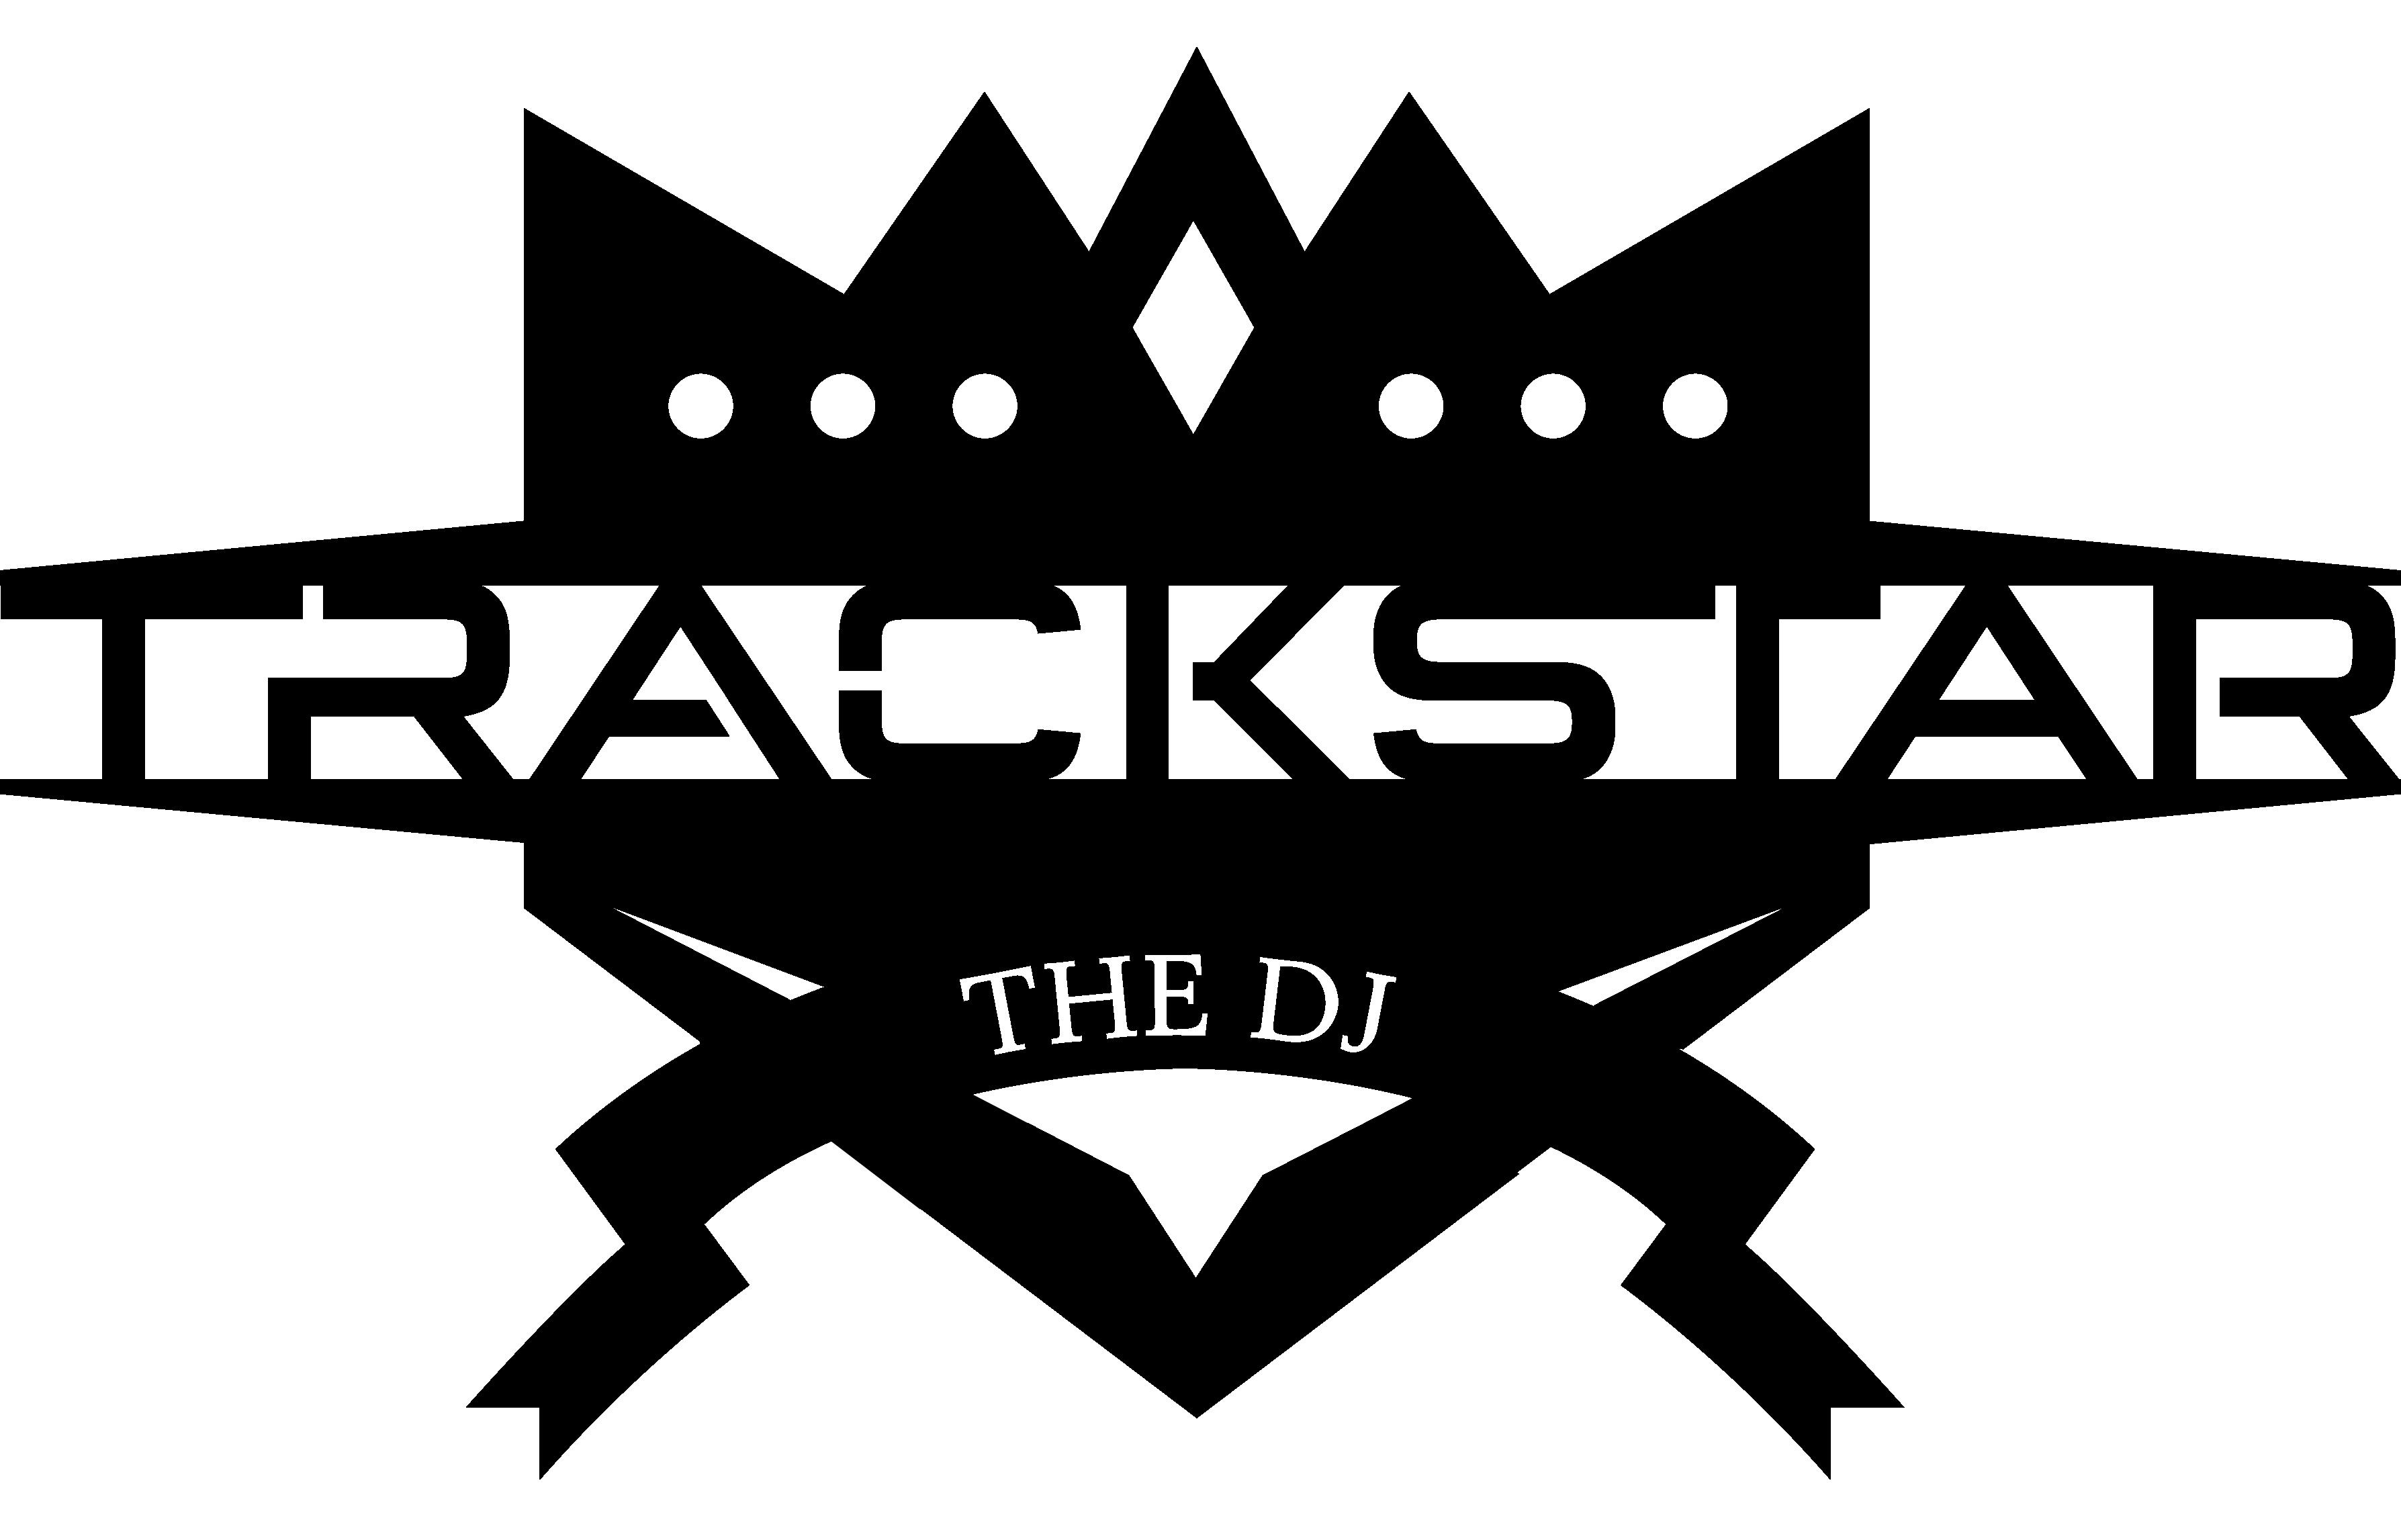 Trackstar...The DJ